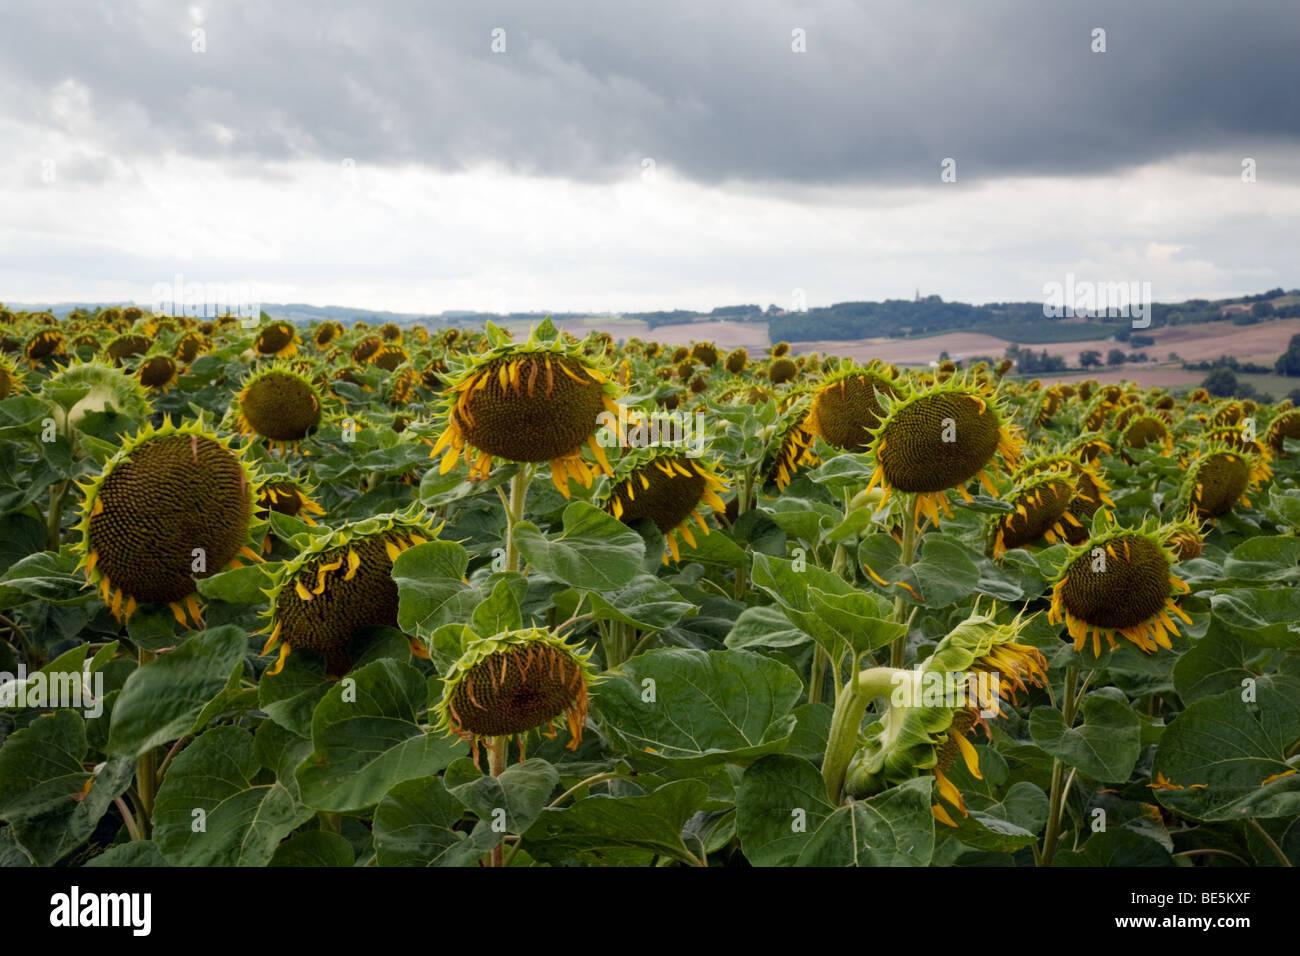 Un campo di girasoli con le loro teste verso il basso contro un cielo grigio Immagini Stock